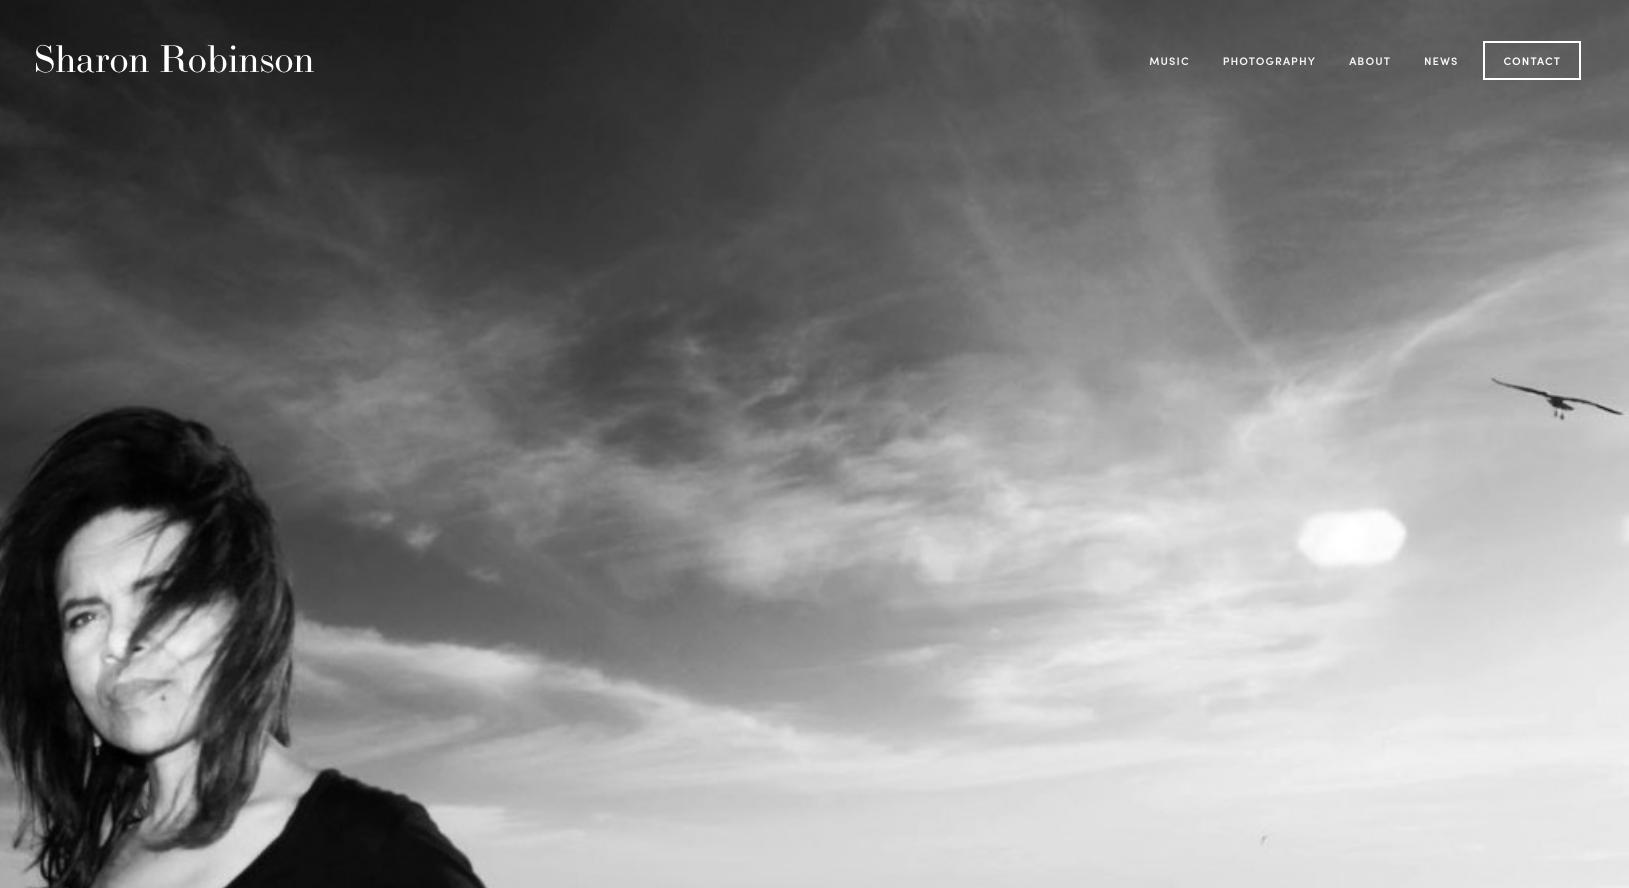 Screen Shot 2019-03-31 at 3.06.39 PM.png